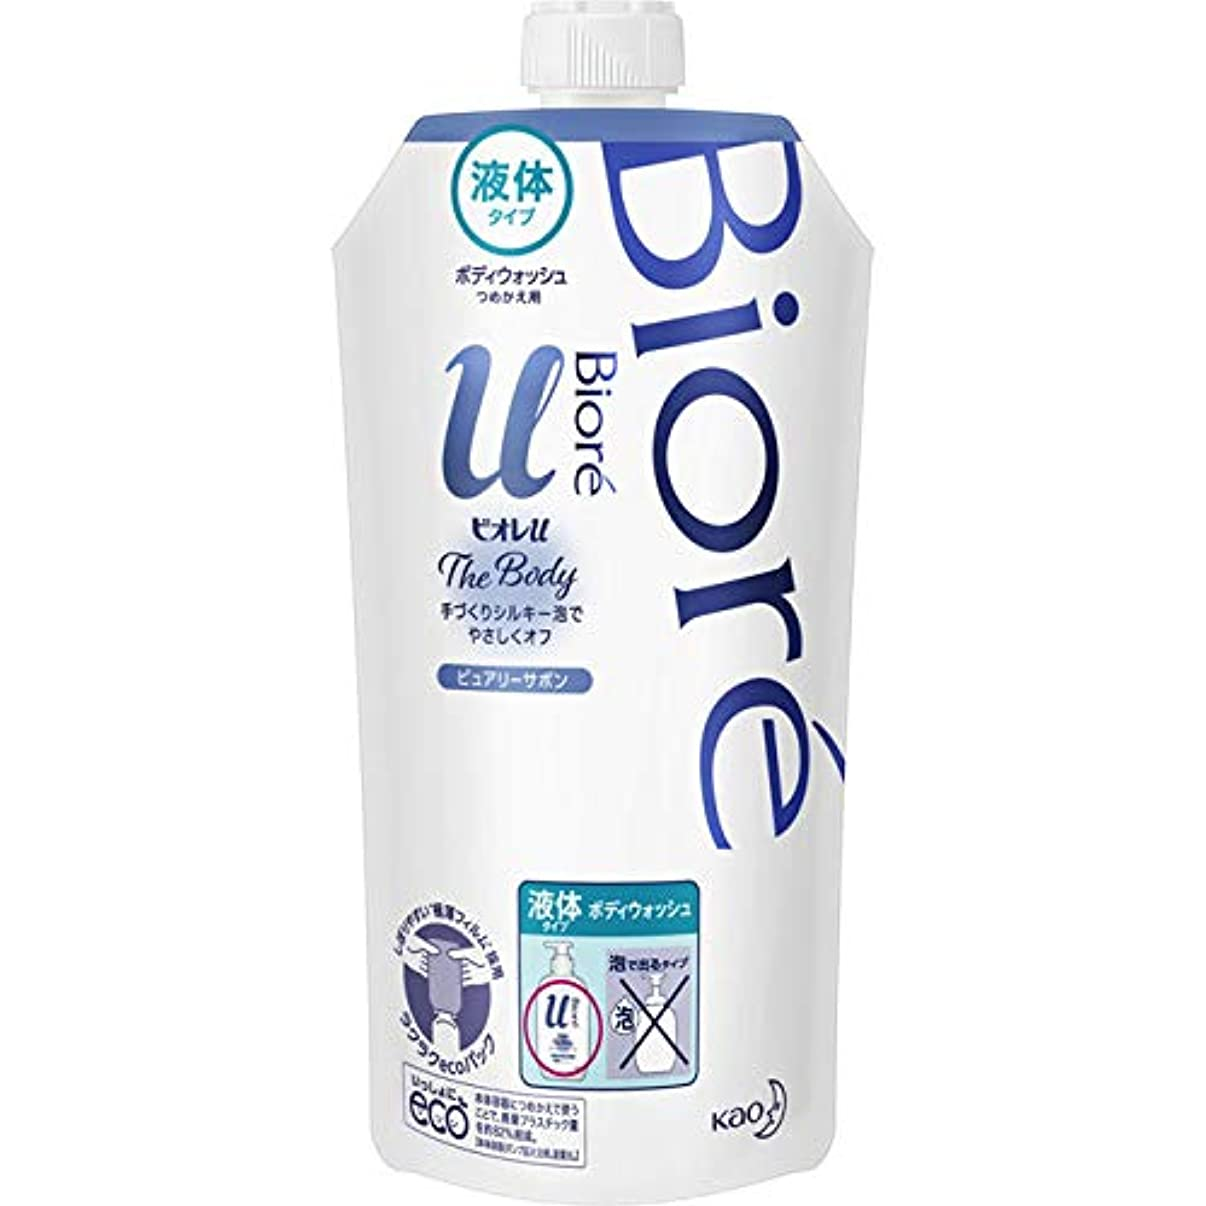 エスカレートアプトメディカル花王 ビオレu ザ ボディ液体ピュアリーサボンの香り 詰替え用 340ml